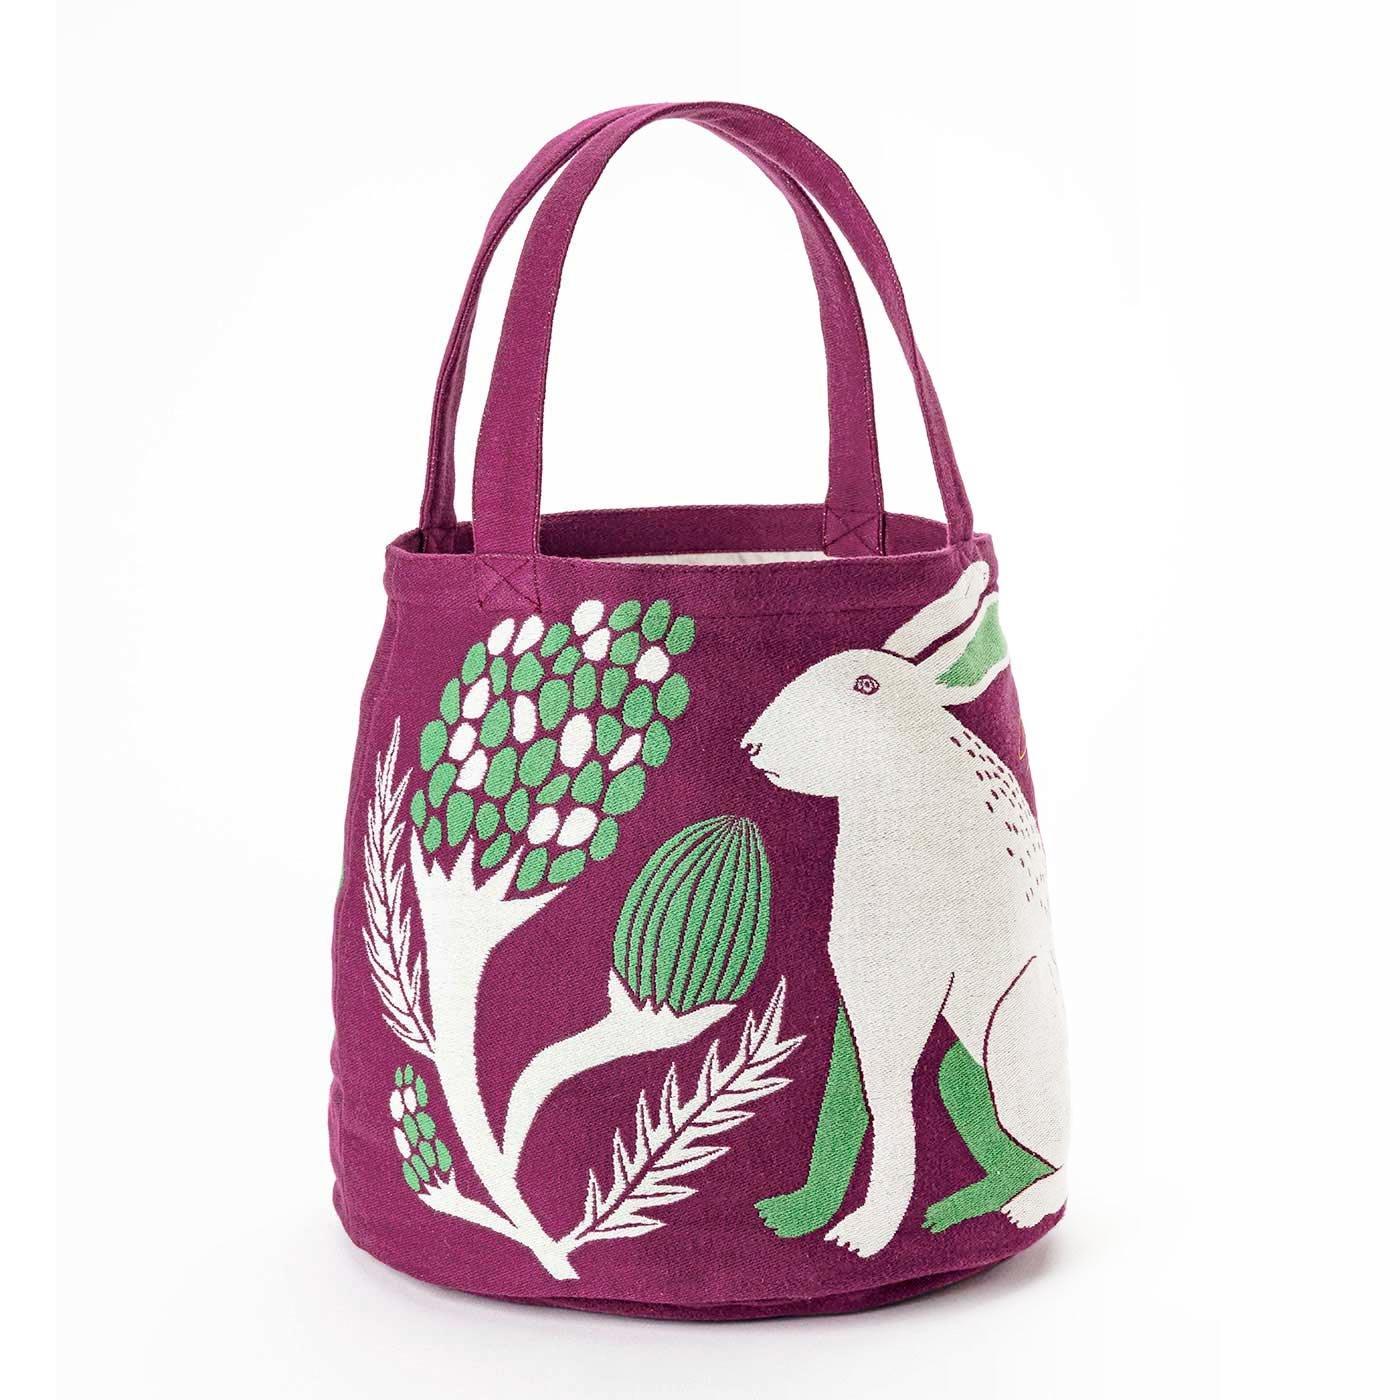 挿絵画家moritaMiW 織り柄が味あり!  しっかり厚手 かわいいコロリンバッグ